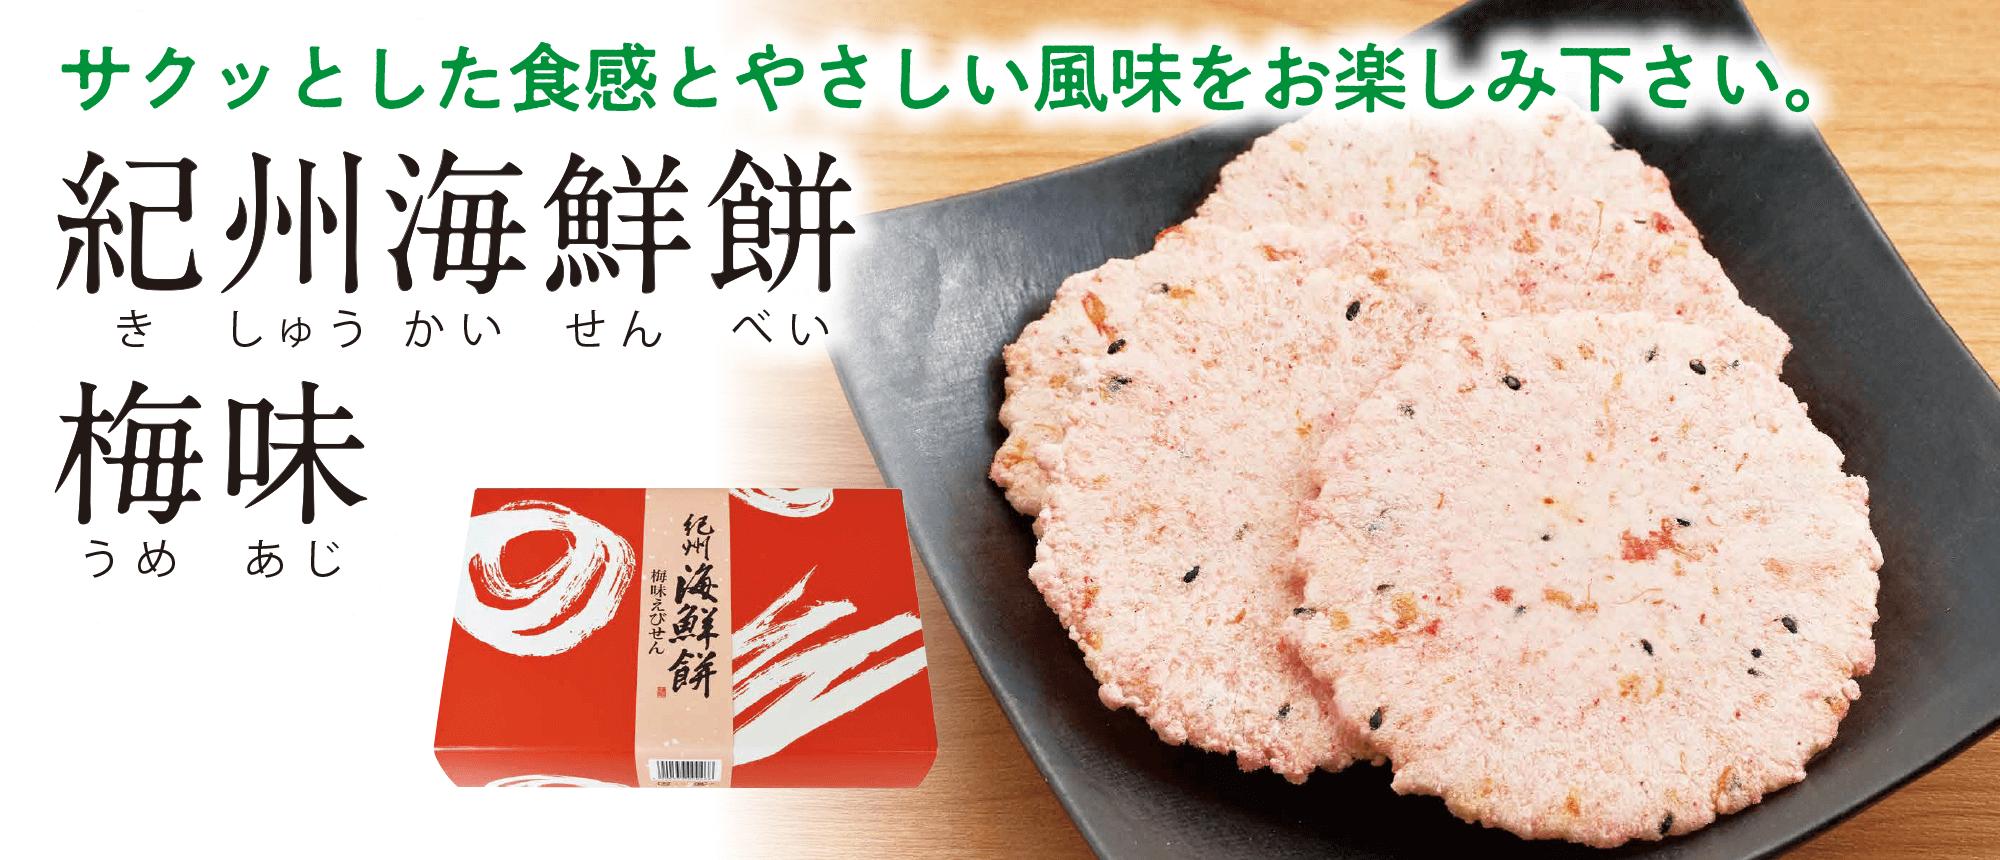 紀州海煎餅梅味